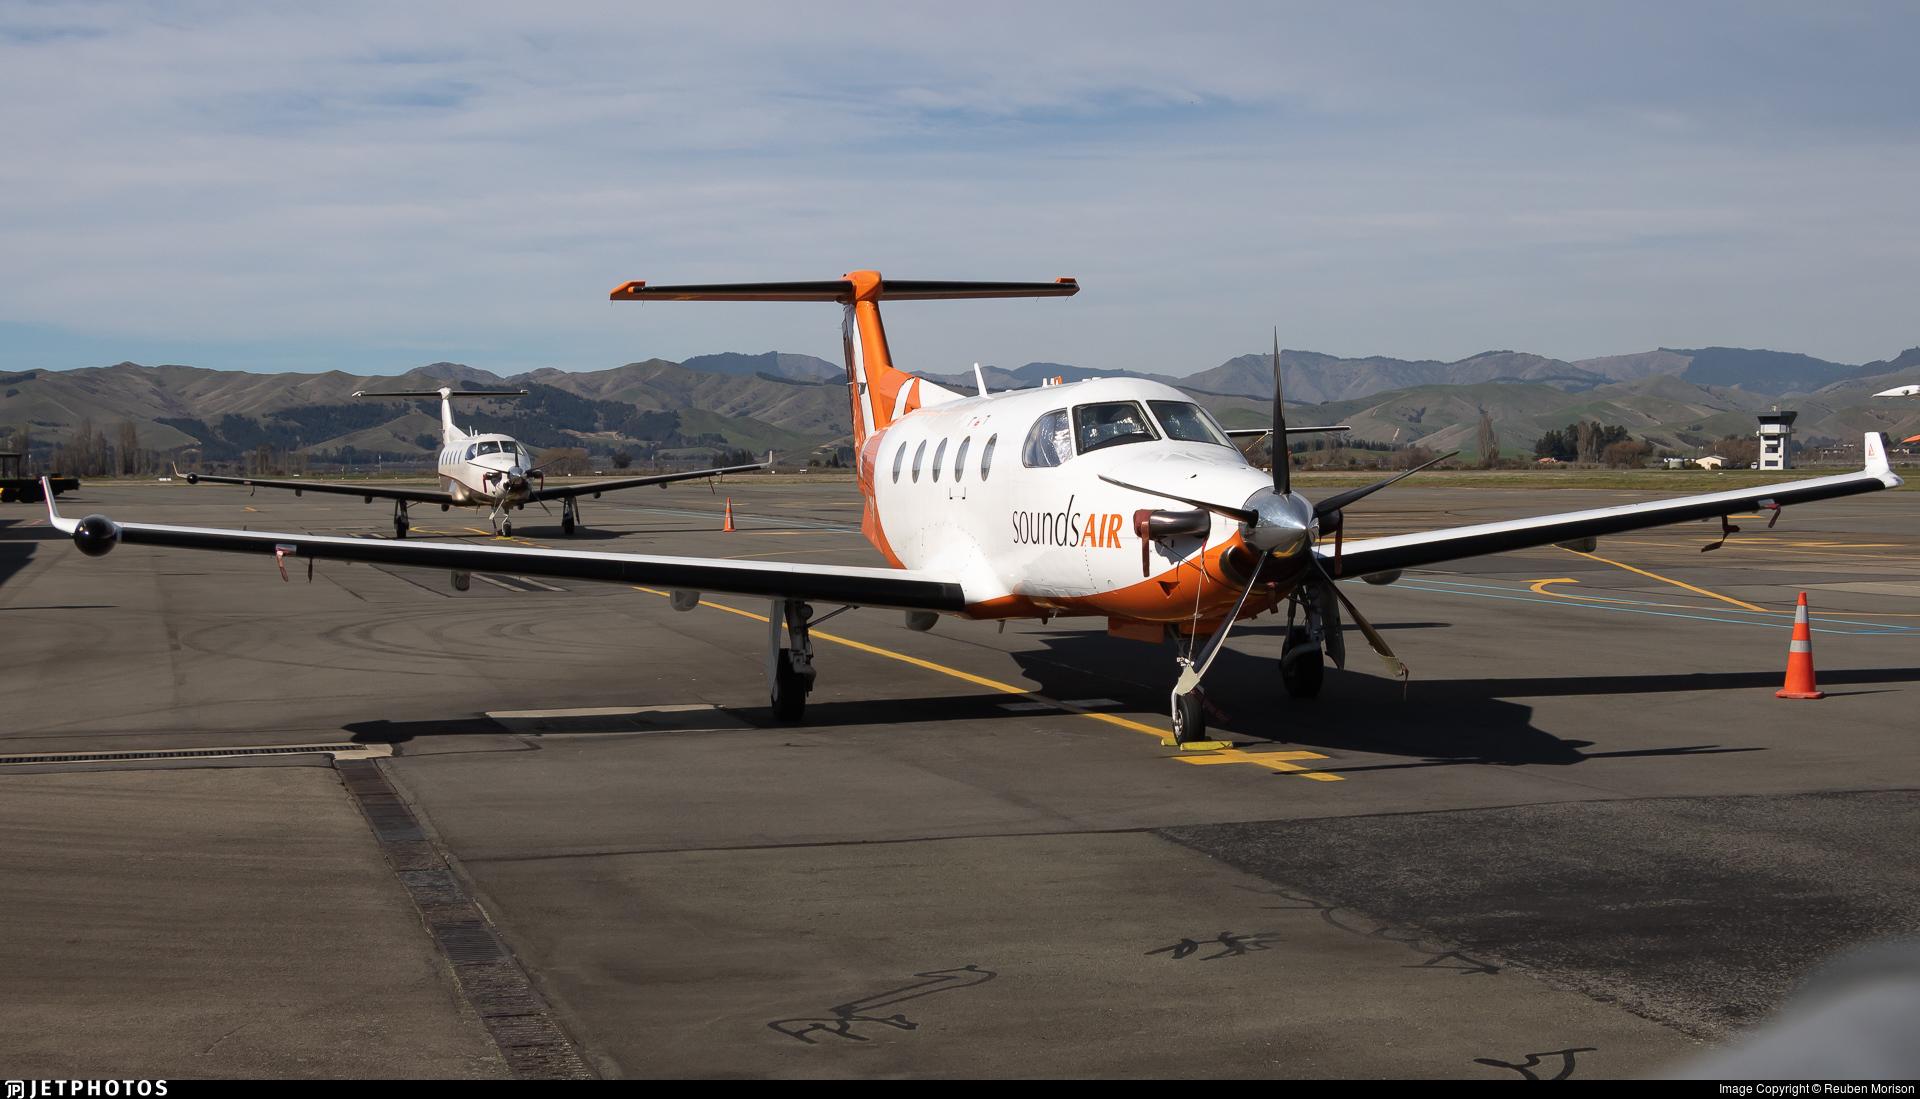 ZK-PLV - Pilatus PC-12/45 - Sounds Air